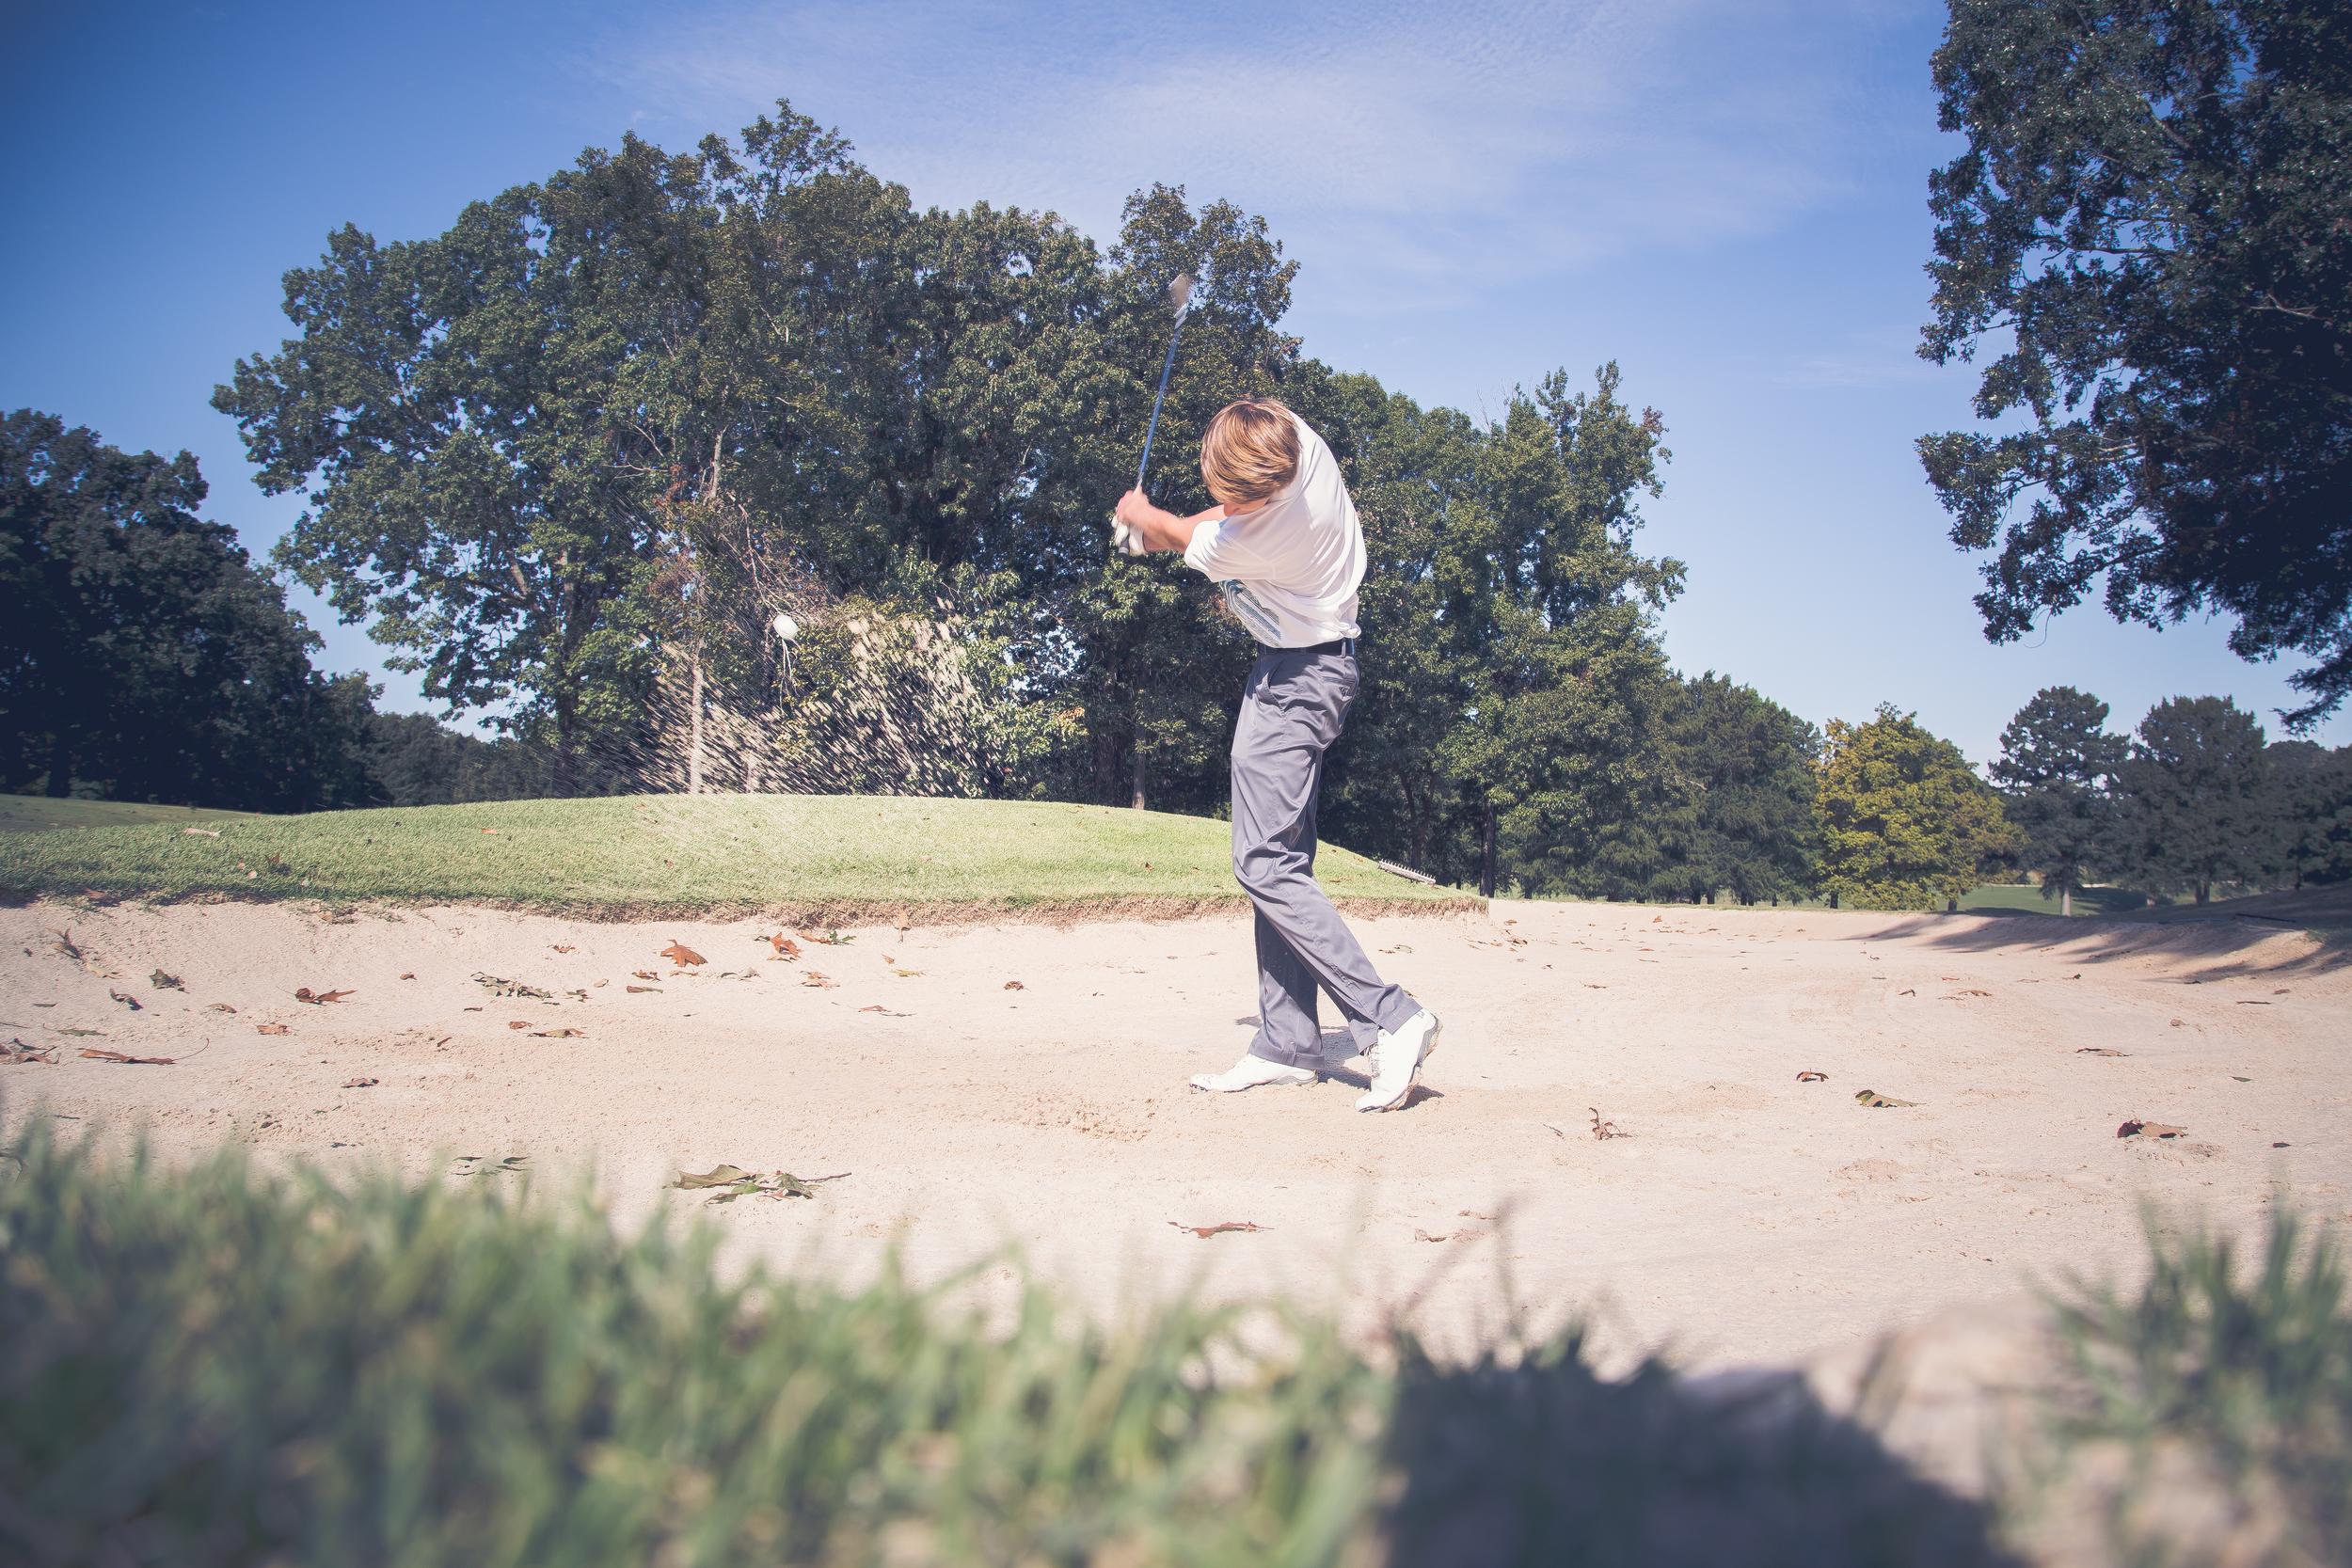 golf senior pictures